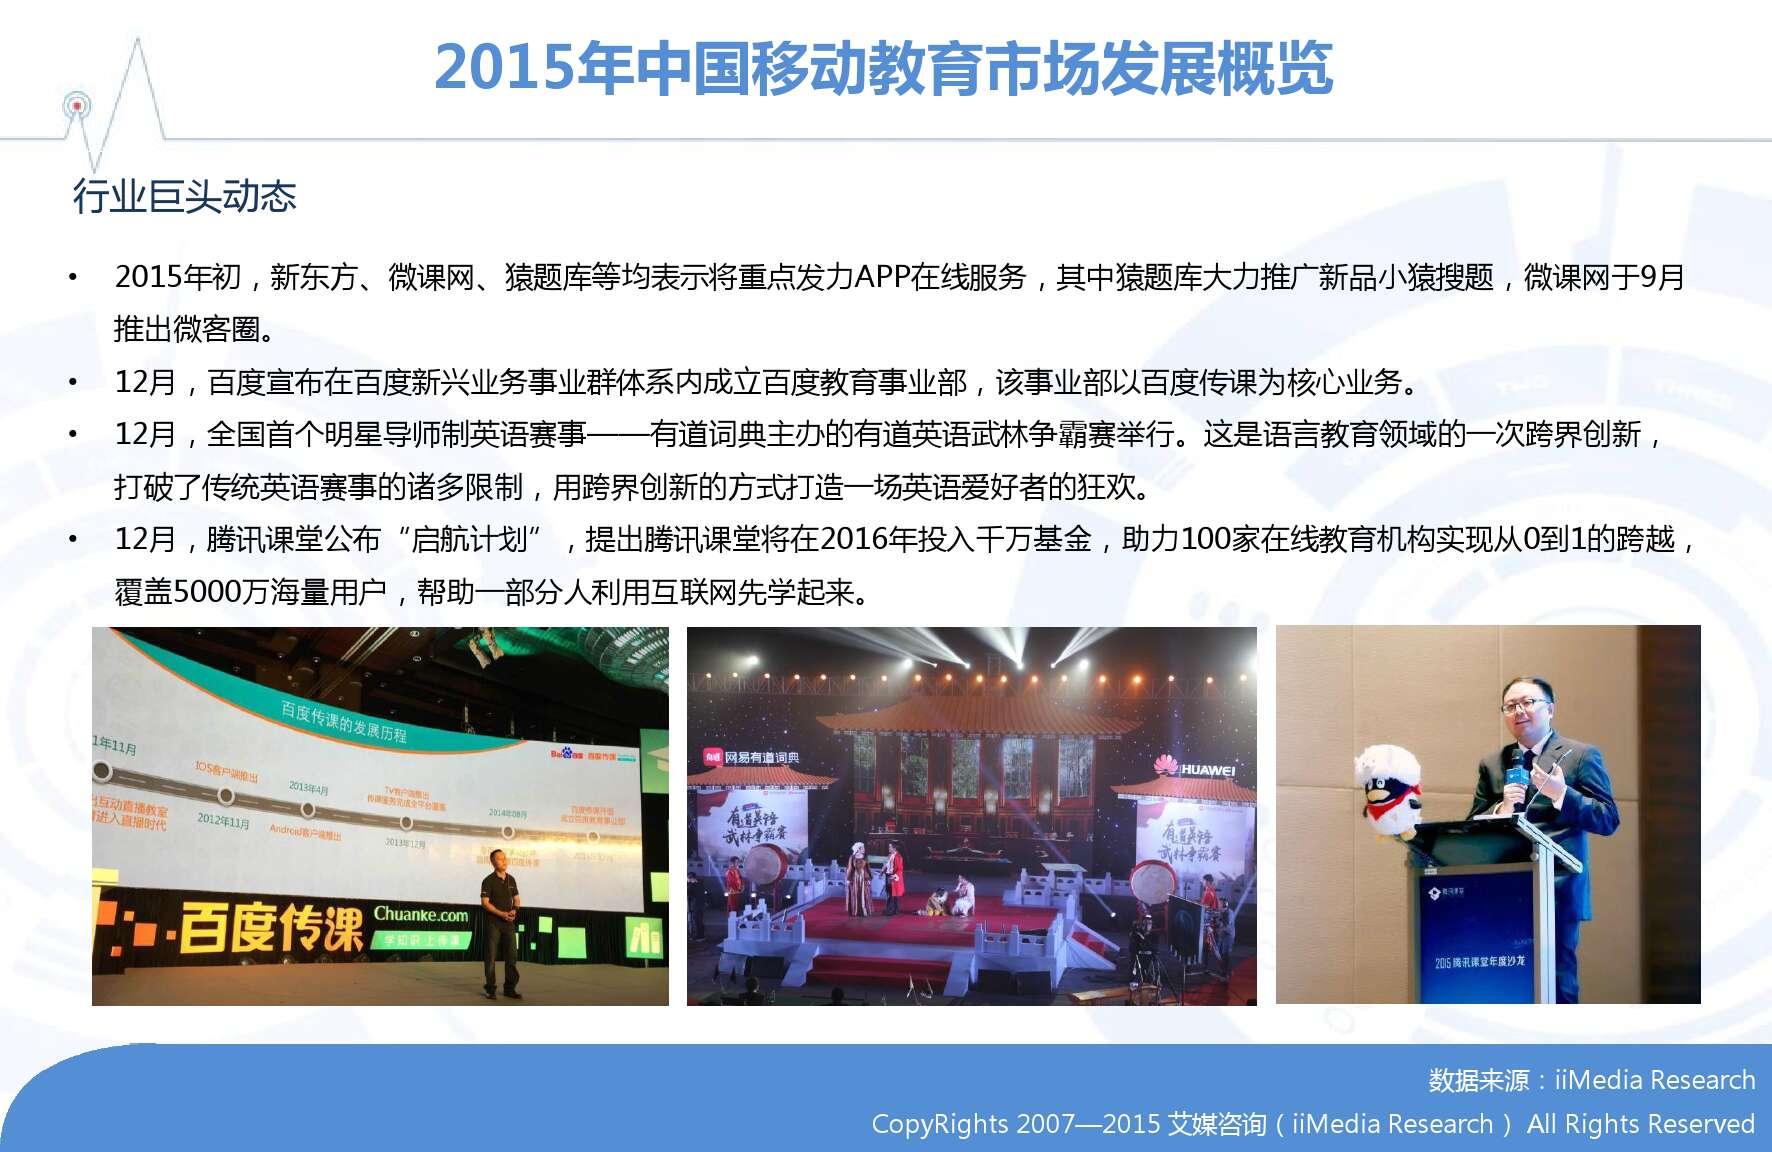 2015-2016年中国移动教育市场研究报告_000006